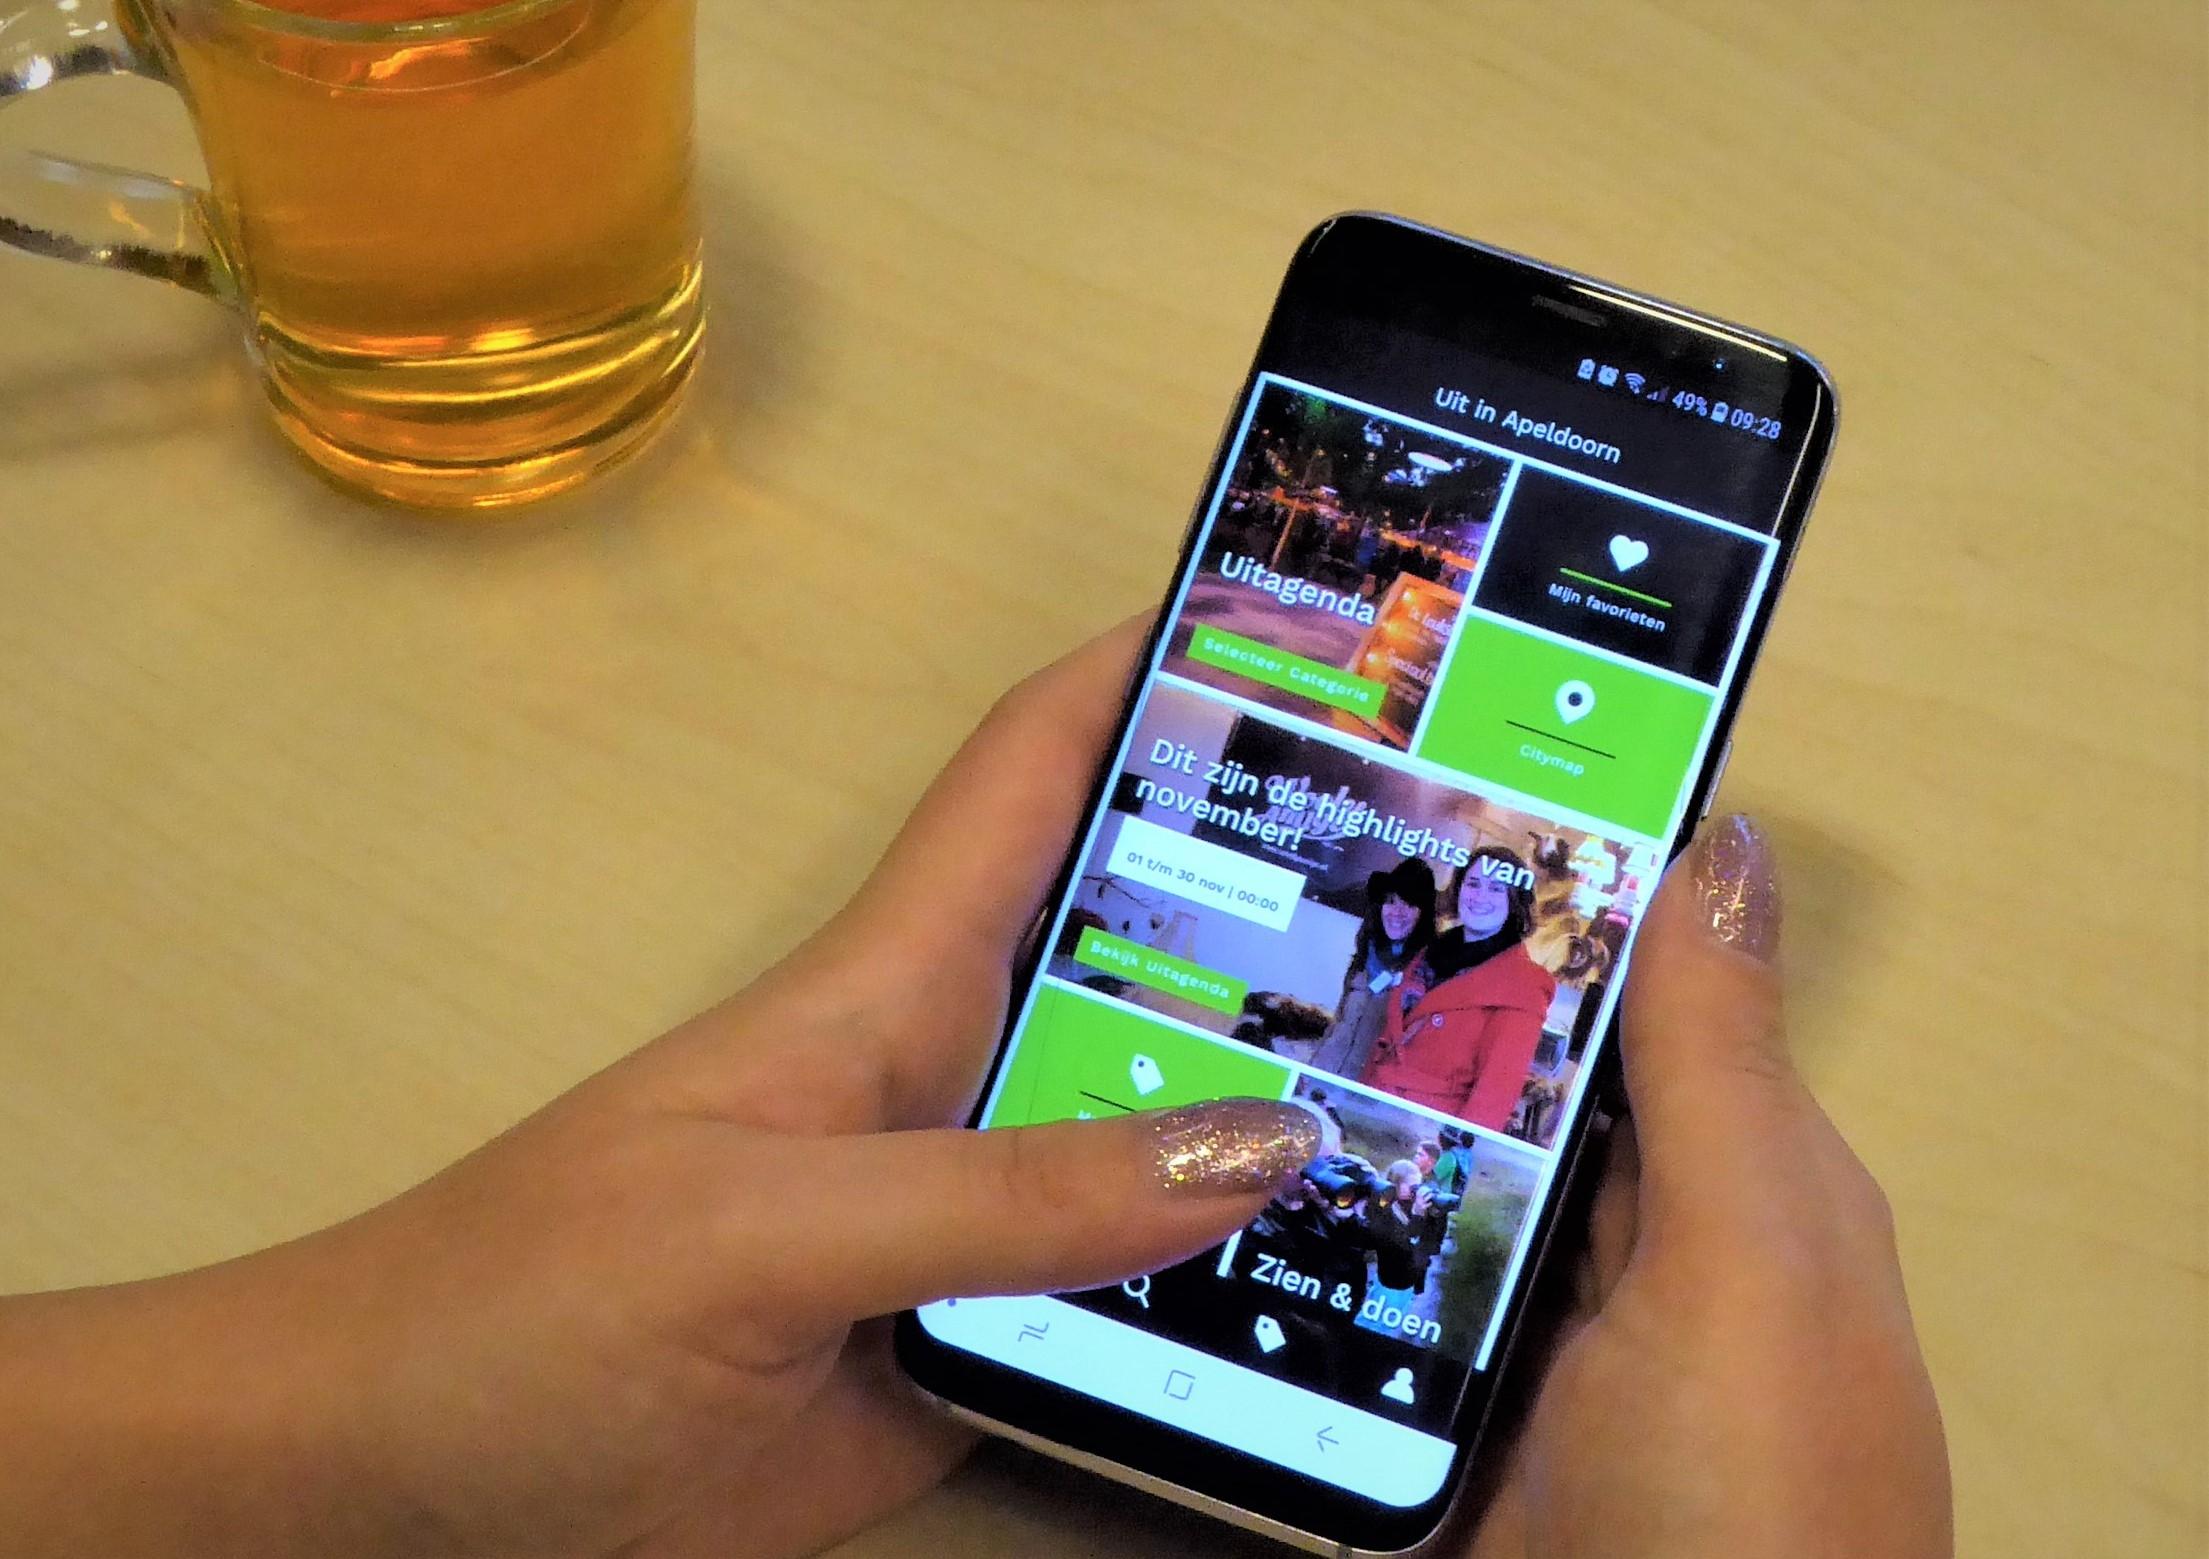 Nieuwe app 'Uit in Apeldoorn' biedt extra service voor inwoners en toeristen